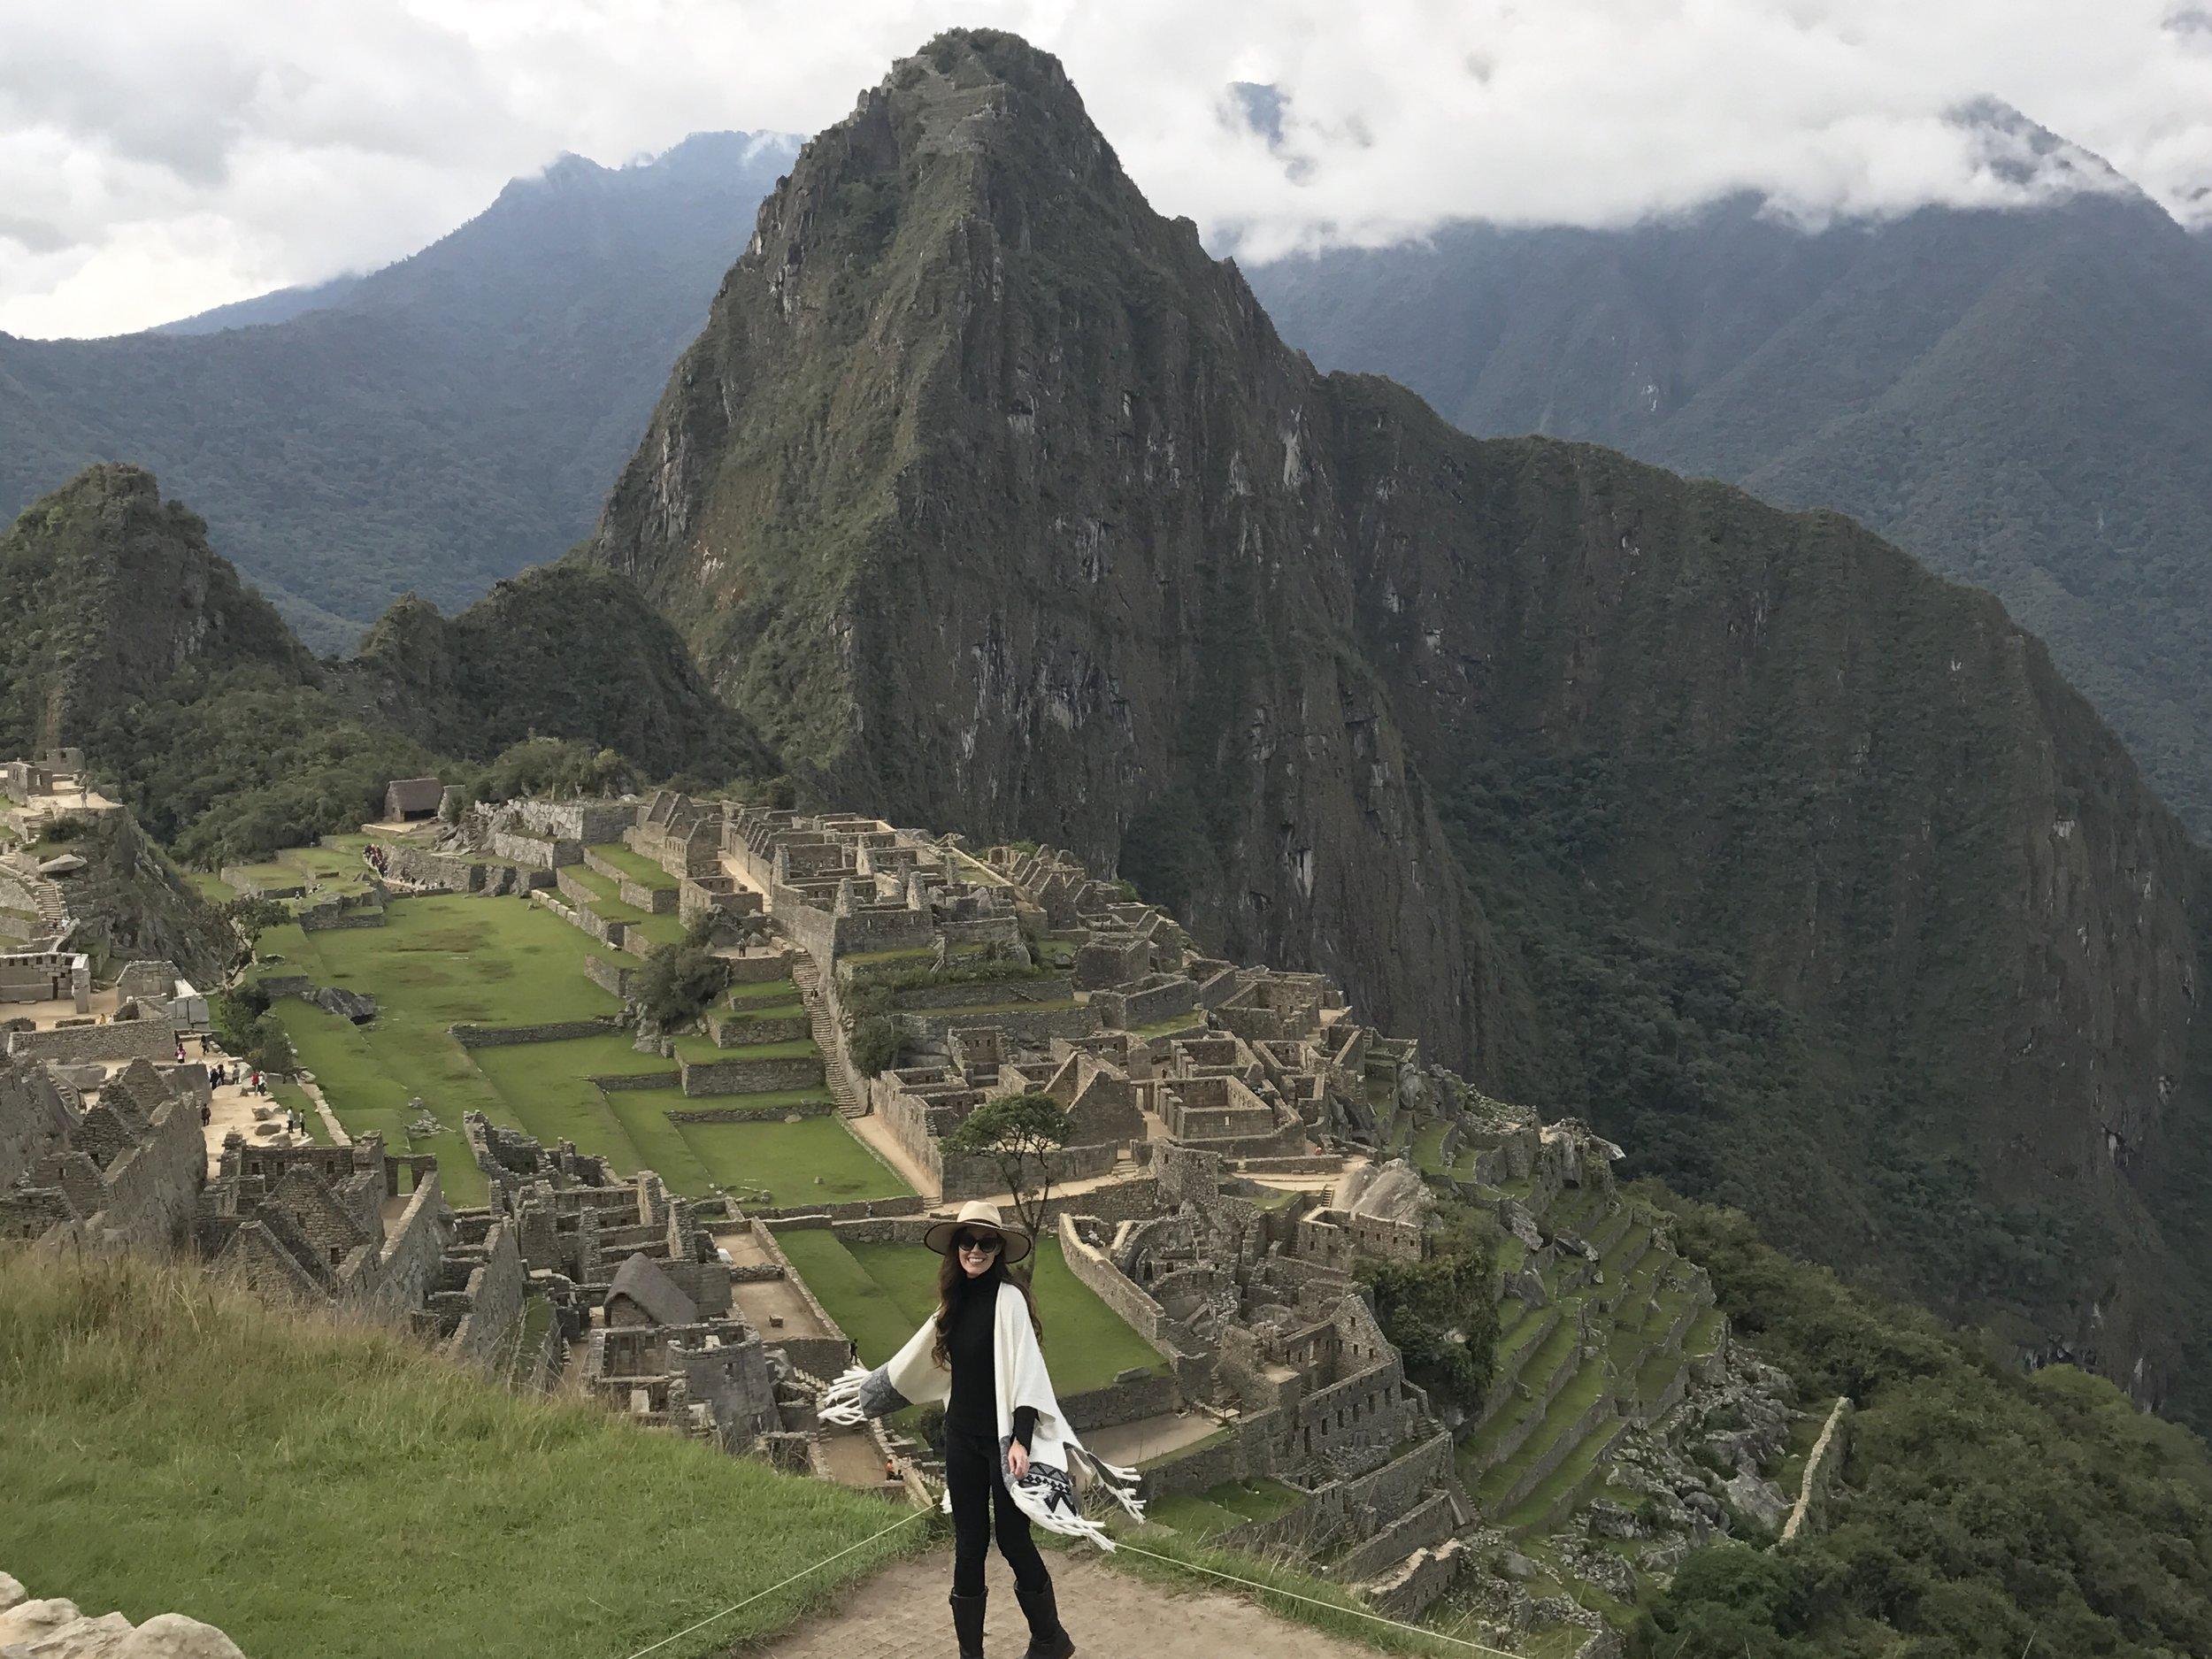 Machu Picchu - Sacred Valley Peru, December 2016